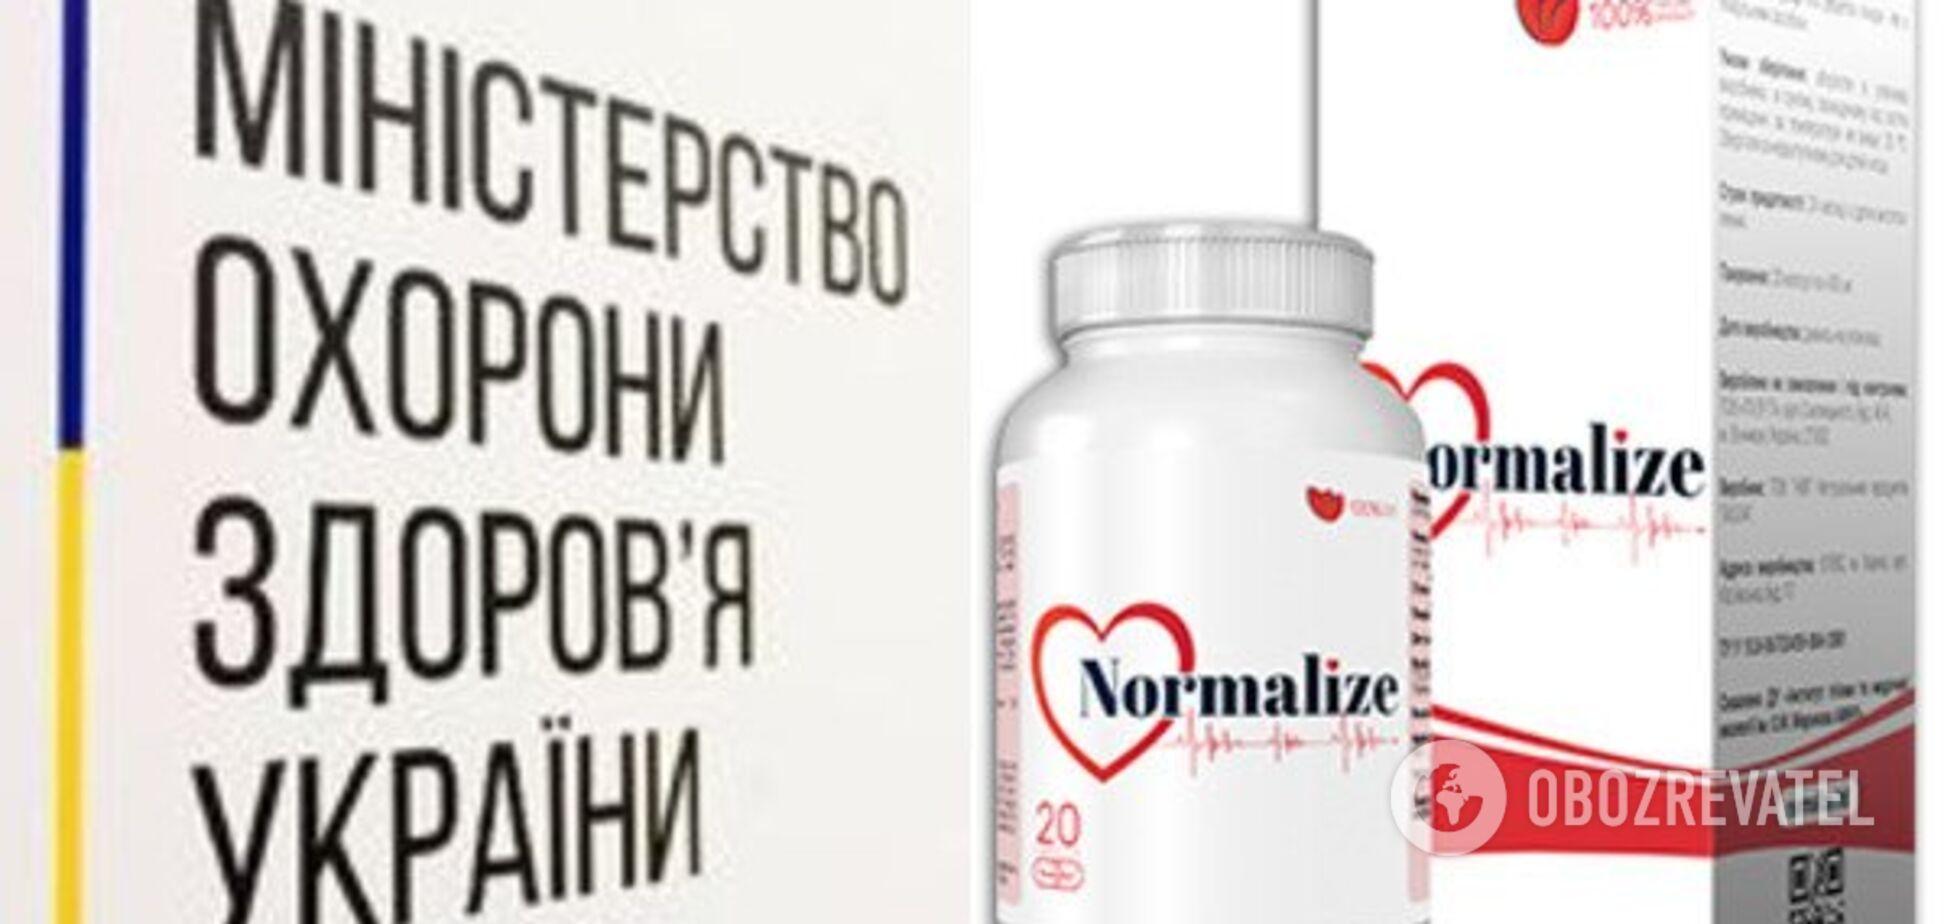 Будьте обережні! Шахраї продавали незареєстровані ліки від гіпертонії